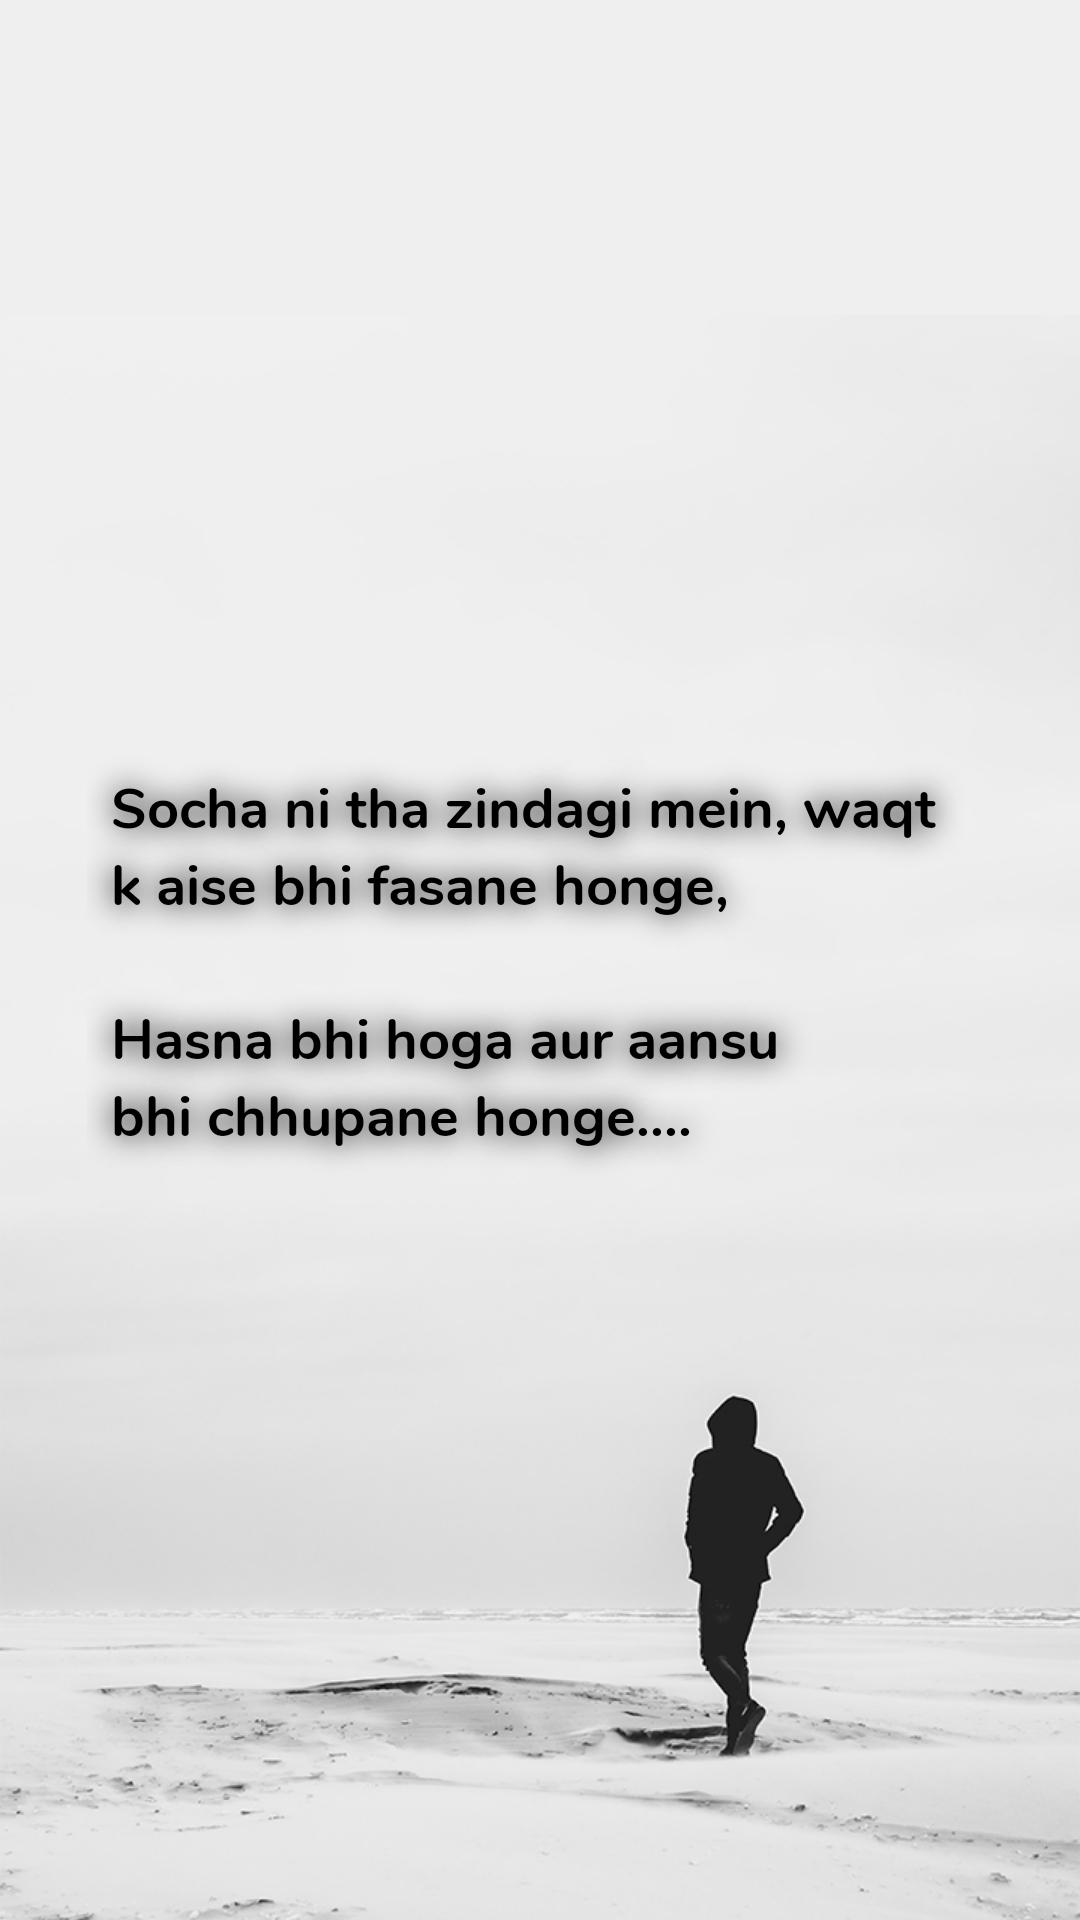 Socha ni tha zindagi mein, waqt  k aise bhi fasane honge,  Hasna bhi hoga aur aansu  bhi chhupane honge....